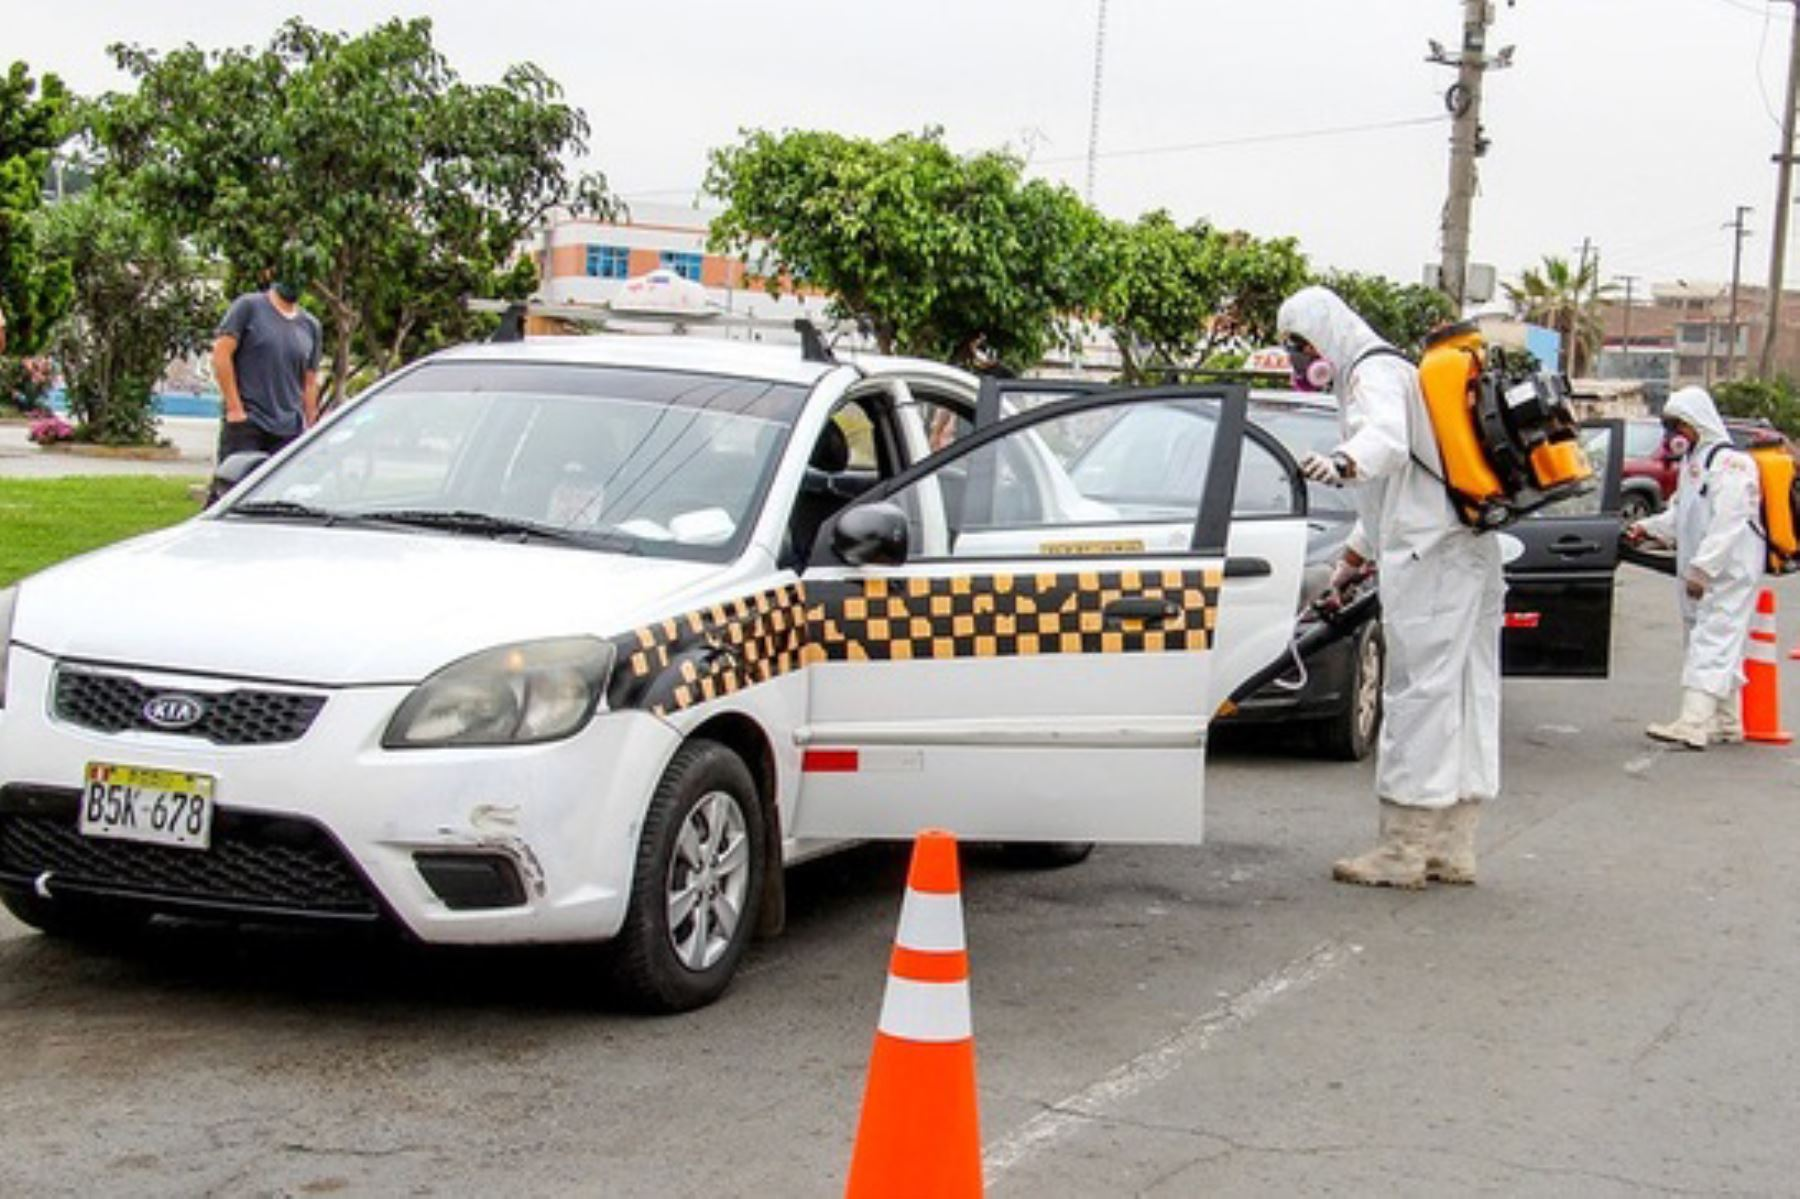 Los taxistas pueden desinfectar sus unidades hasta el miércoles 23 de diciembre de 7:00 a 14:00 horas (excepto el domingo 20), en un nuevo punto ubicado en la cuadra 18 de la avenida Angamos, Surquillo. Foto: ANDINA/ATU